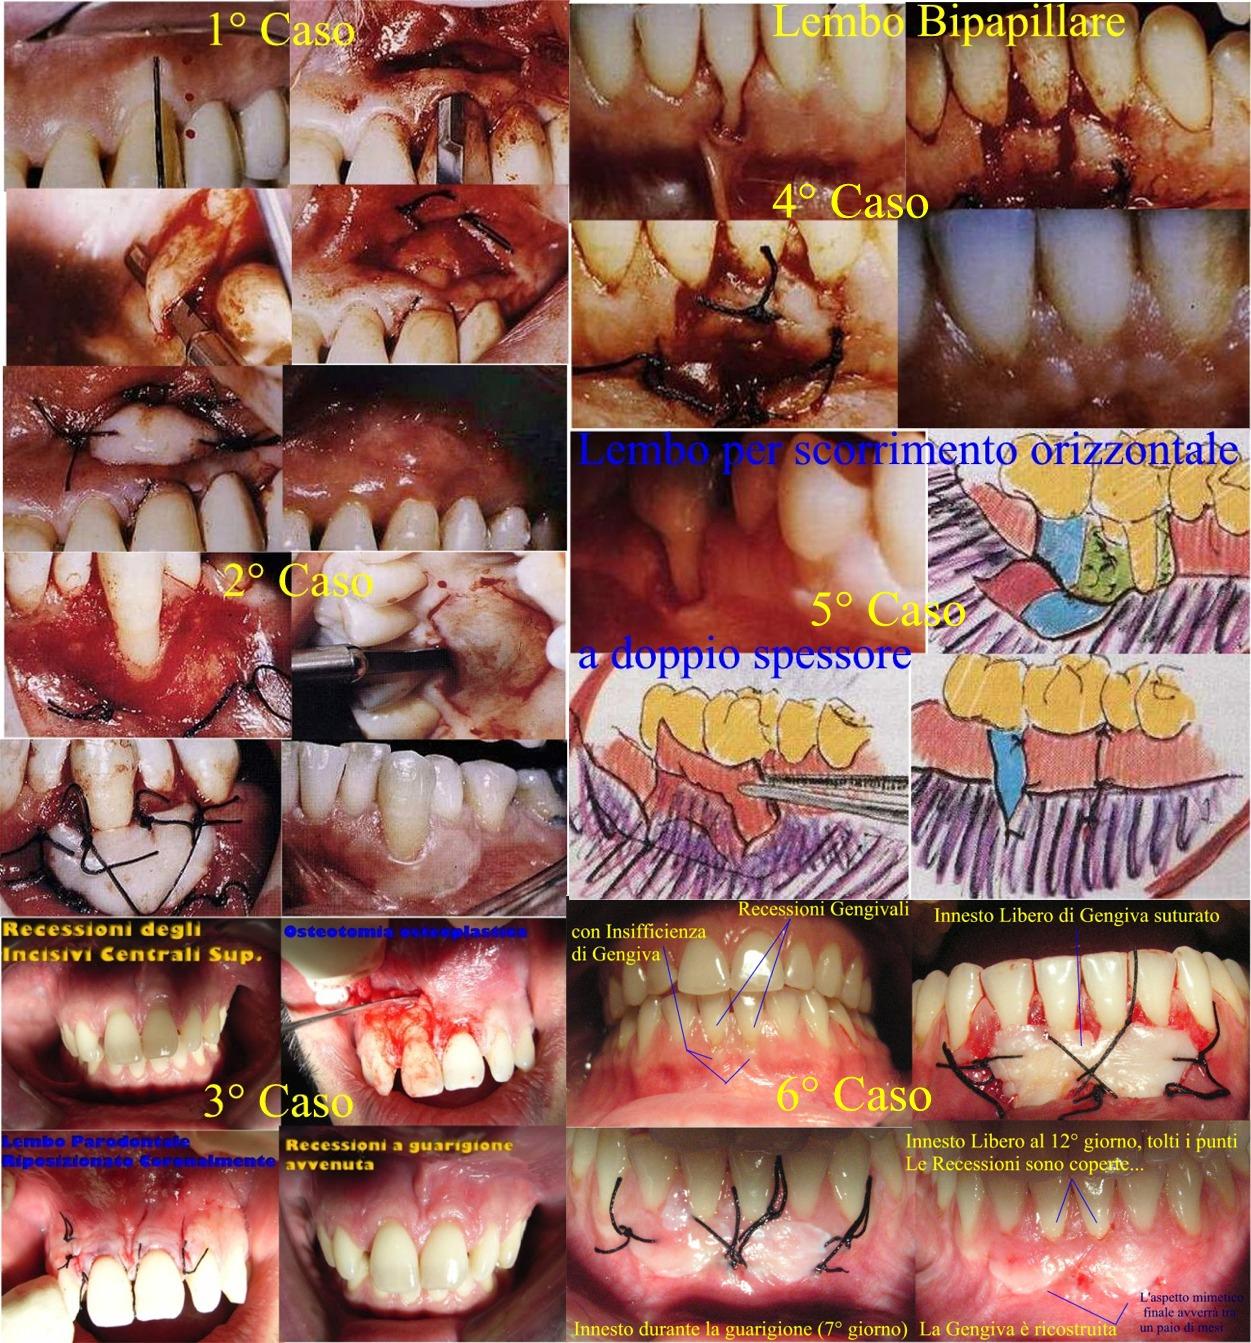 Recessioni Gengivali di vari tipo e varie loro terapie chirurgiche parodontali. Da casistica del Dr. Gustavo Petti di Cagliari